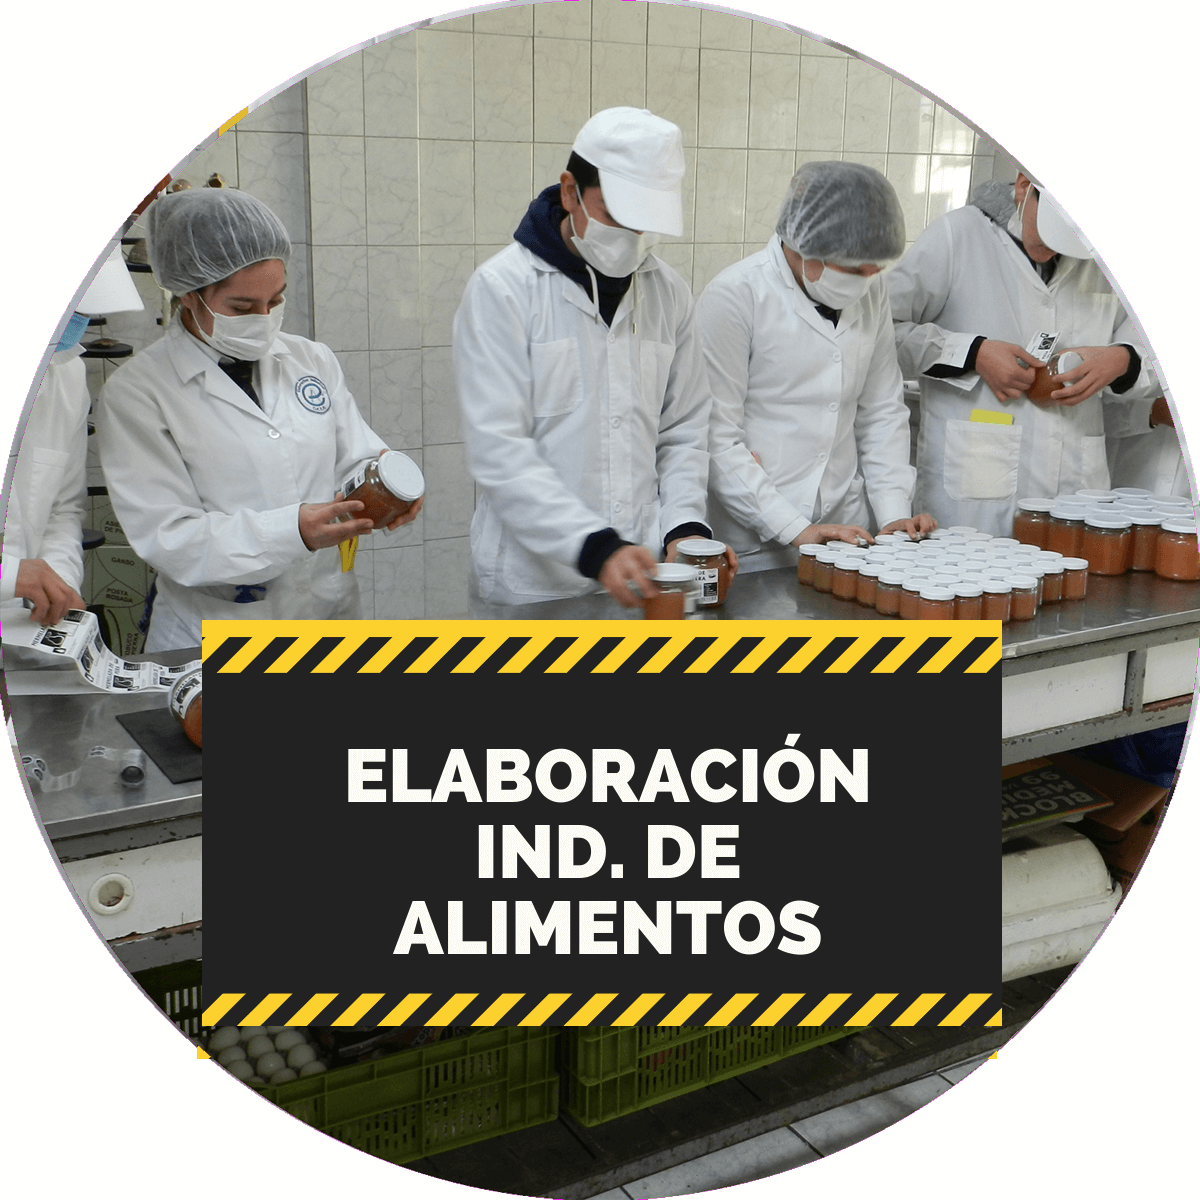 elaboracion industrial de alimentos